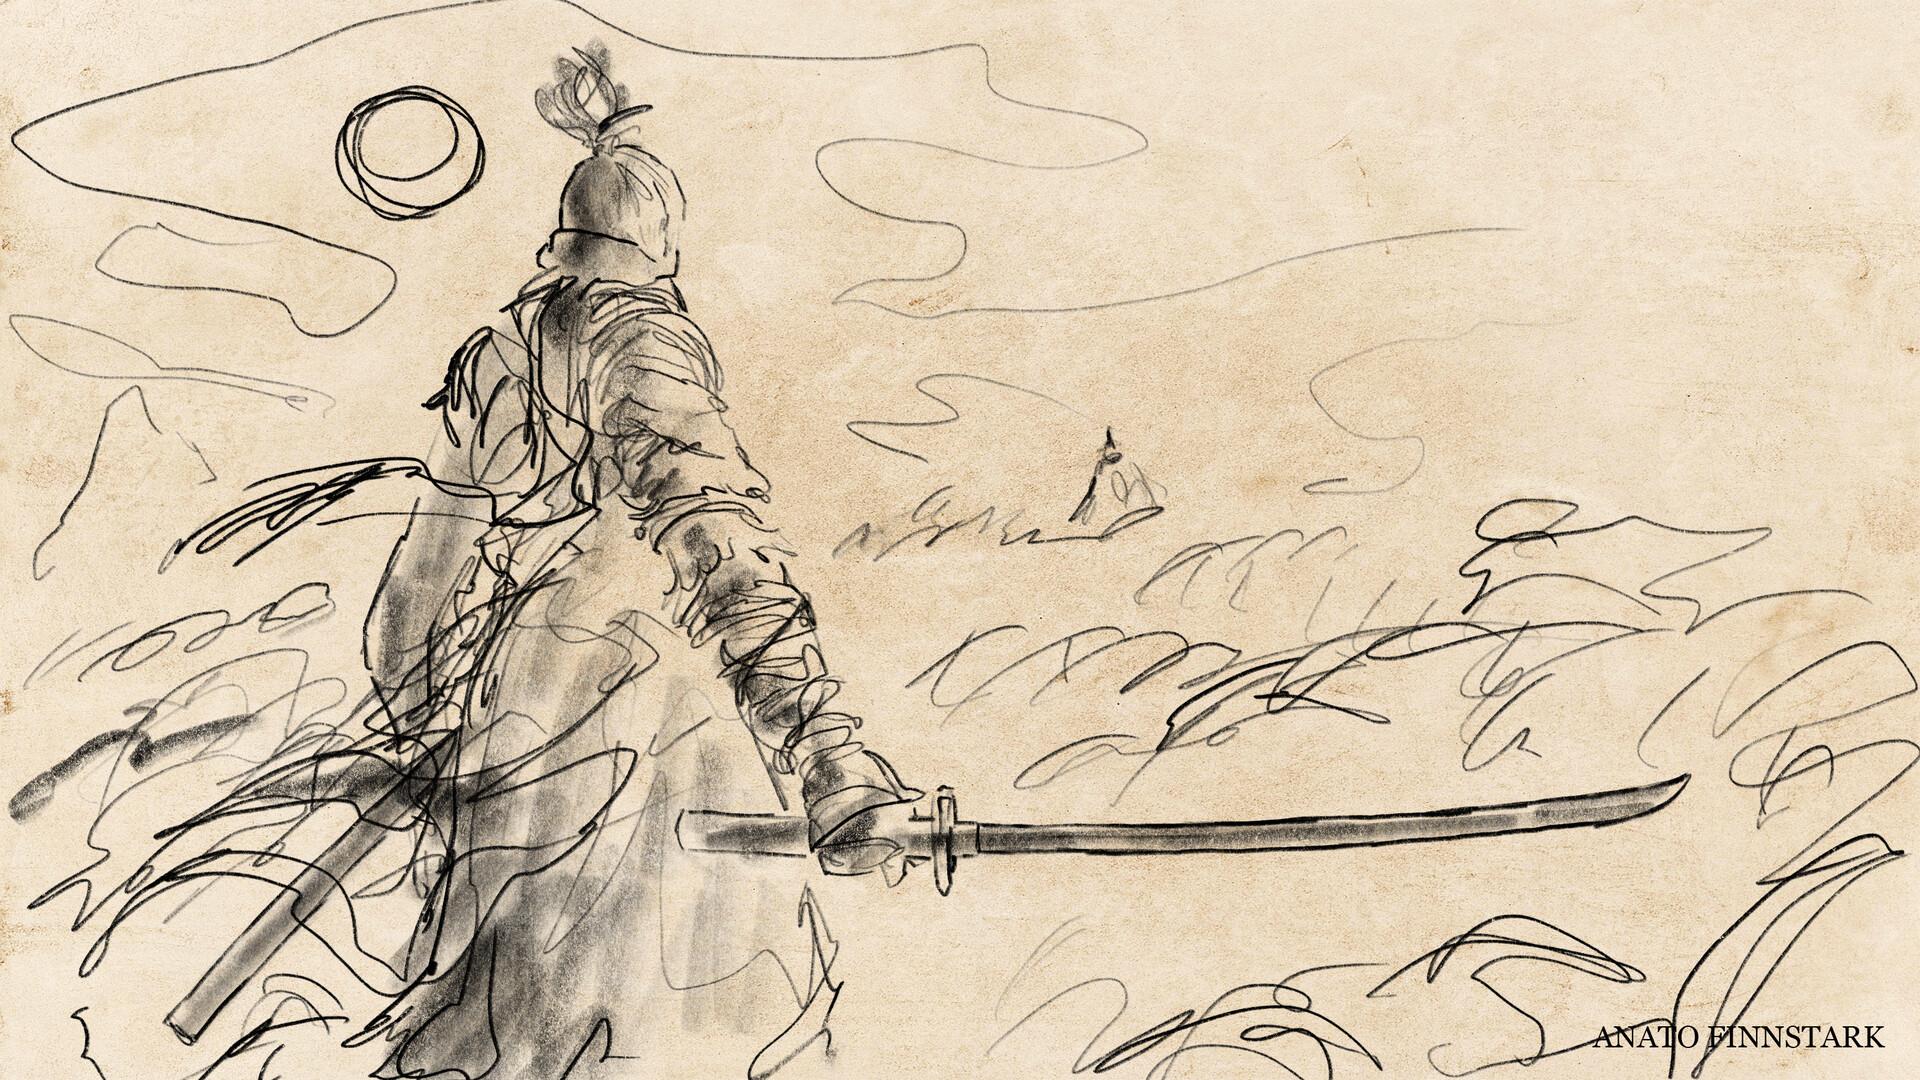 Anato finnstark sketch1